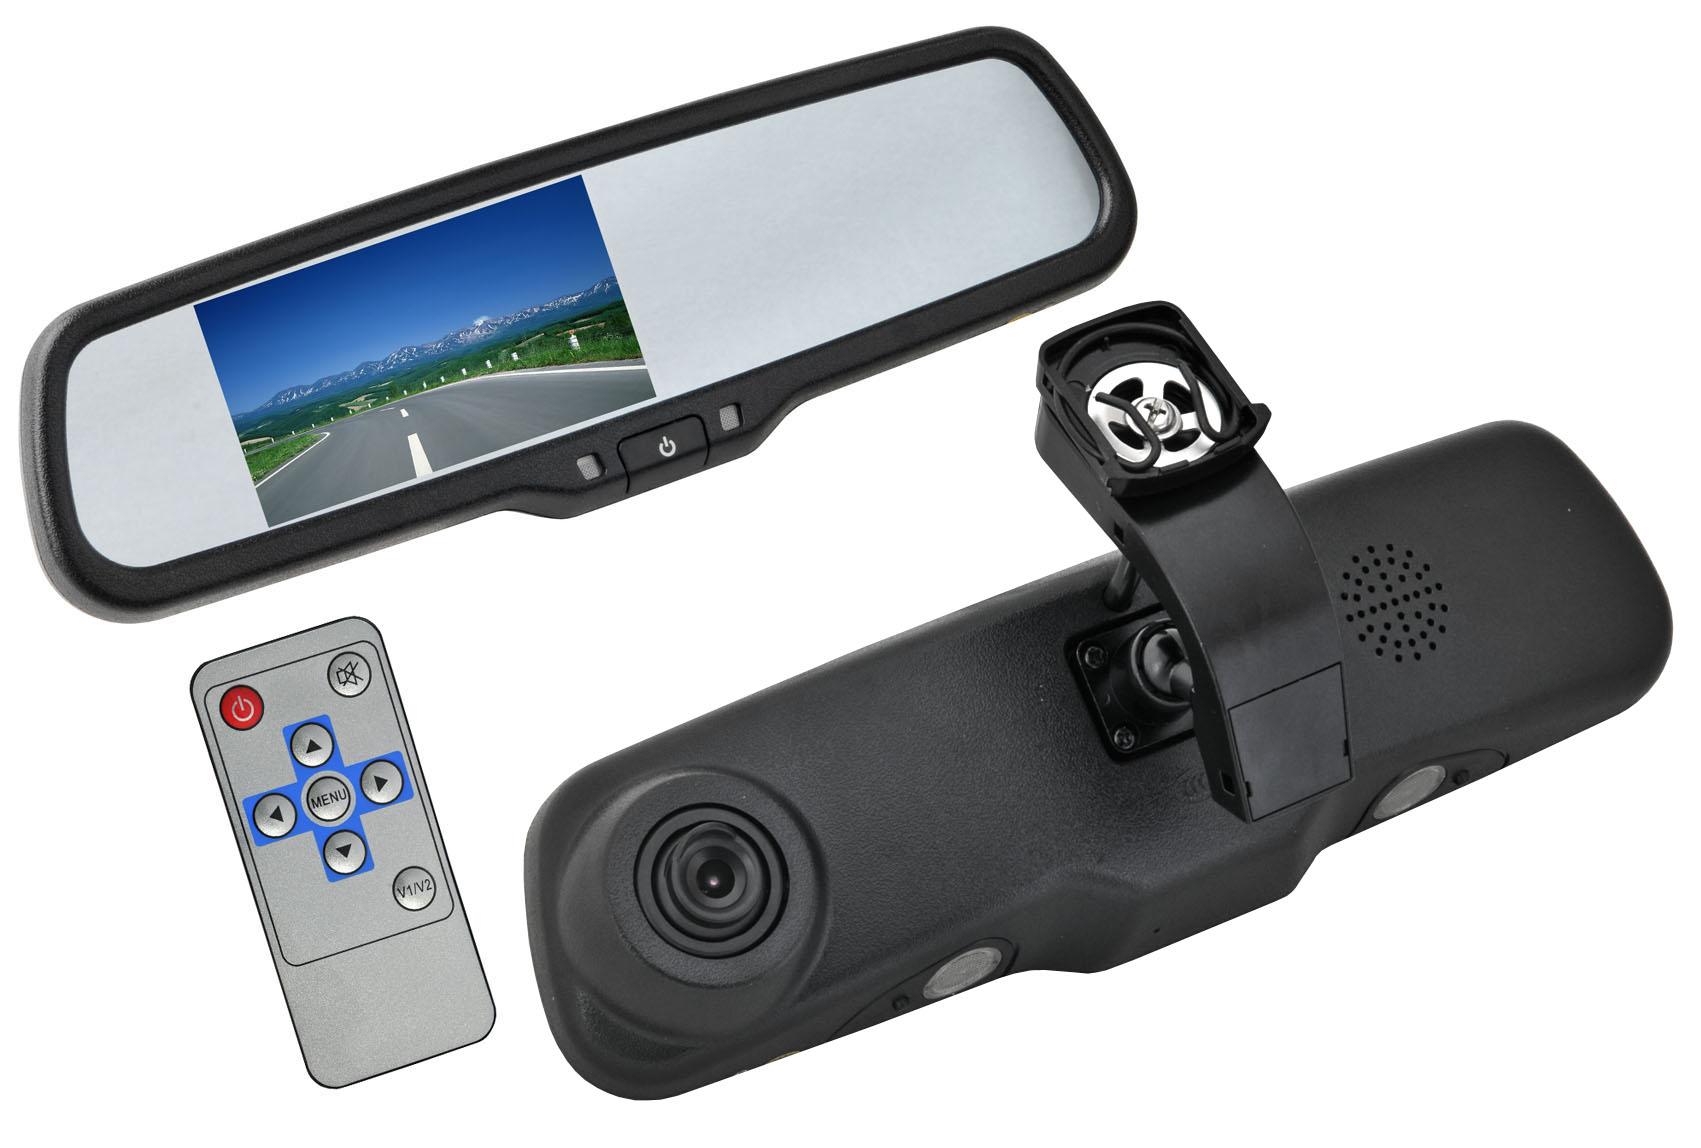 Видеорегистратор для автомобиля лучшая фирма регистратор зеркало заднего вида с регистратором отзывы